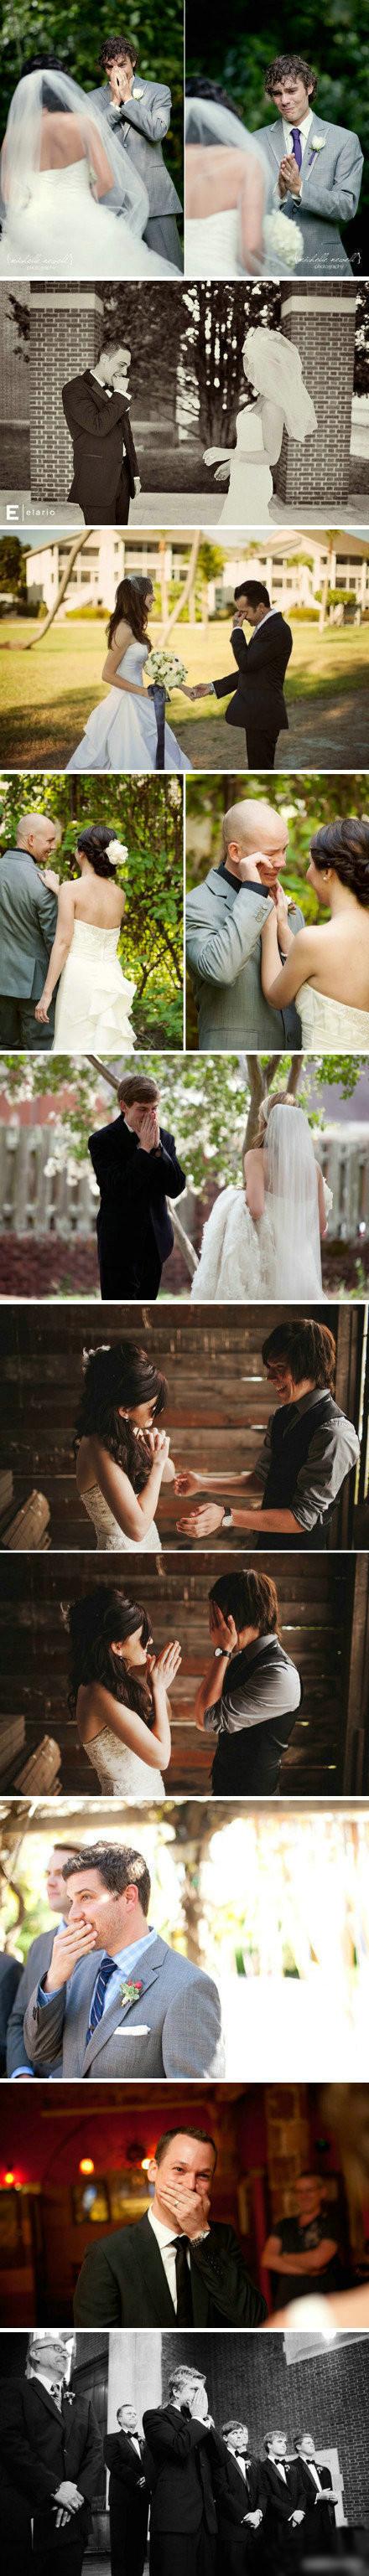 新郎看到新娘穿着婚纱的瞬间。